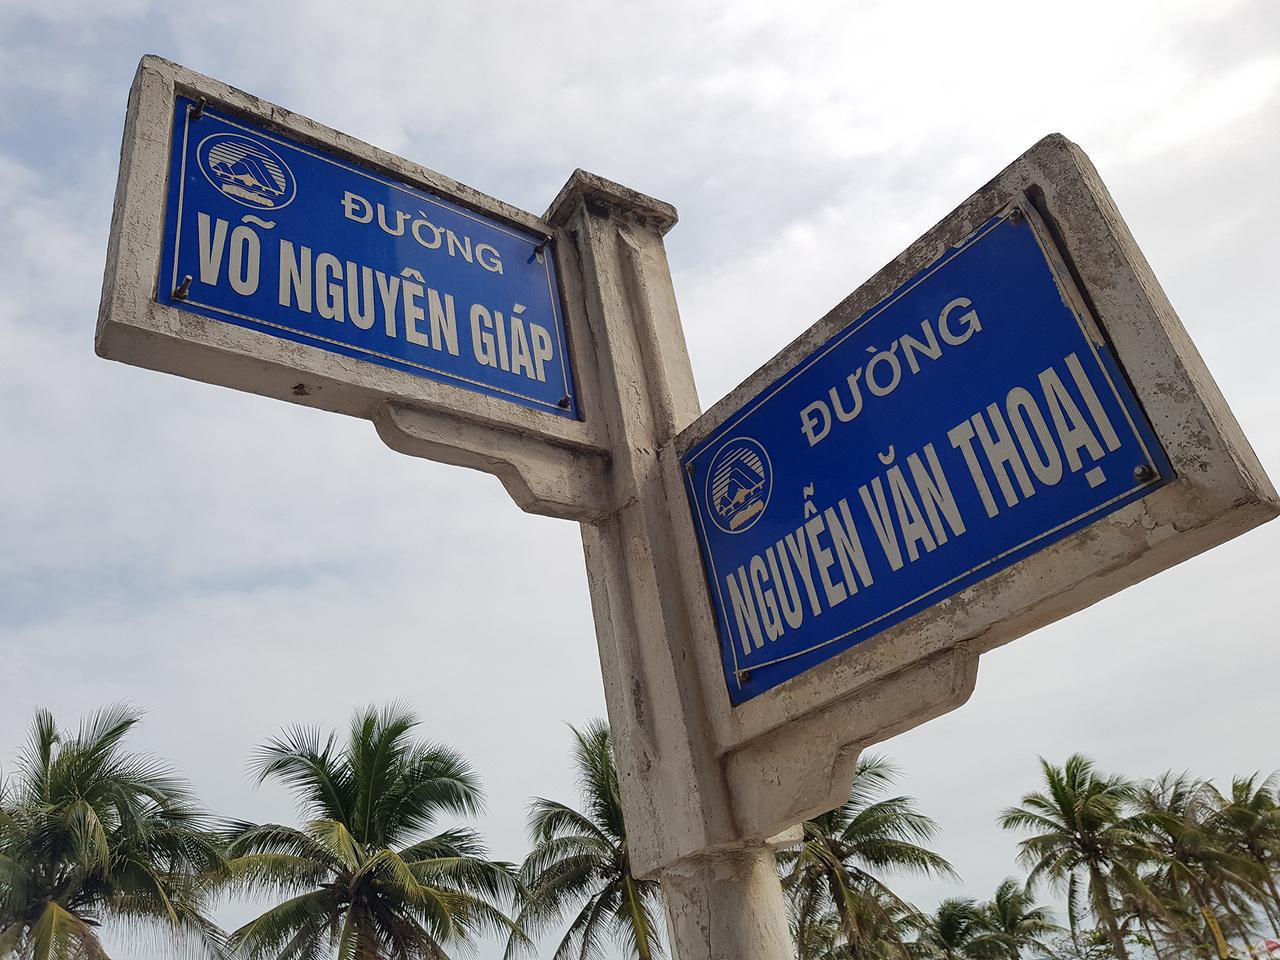 Amikor Vietnám fellélegzett a kínai uralom alól, a lakosság nagy része hálából egyszerűen felvette az aktuális uralkodó dinasztia vezetéknevét. Így lett az ország százmilliós lakosságából mára negyvenmilliónak Nguyen a neve. Az érdekes sztorit nemrég az index.hu is megírta, akit érdekel, ott részletesen olvashat róla. Nekünk egy helyi srác, Nguyen Nguyen mesélt erről – igen, ezen a helyi Gábor Gábor is röhög a mai napig. Nem csoda hát, hogy az utcanevekben is fellelhető ez az óriási változatosság, nem árt a figyelem navigálásnál